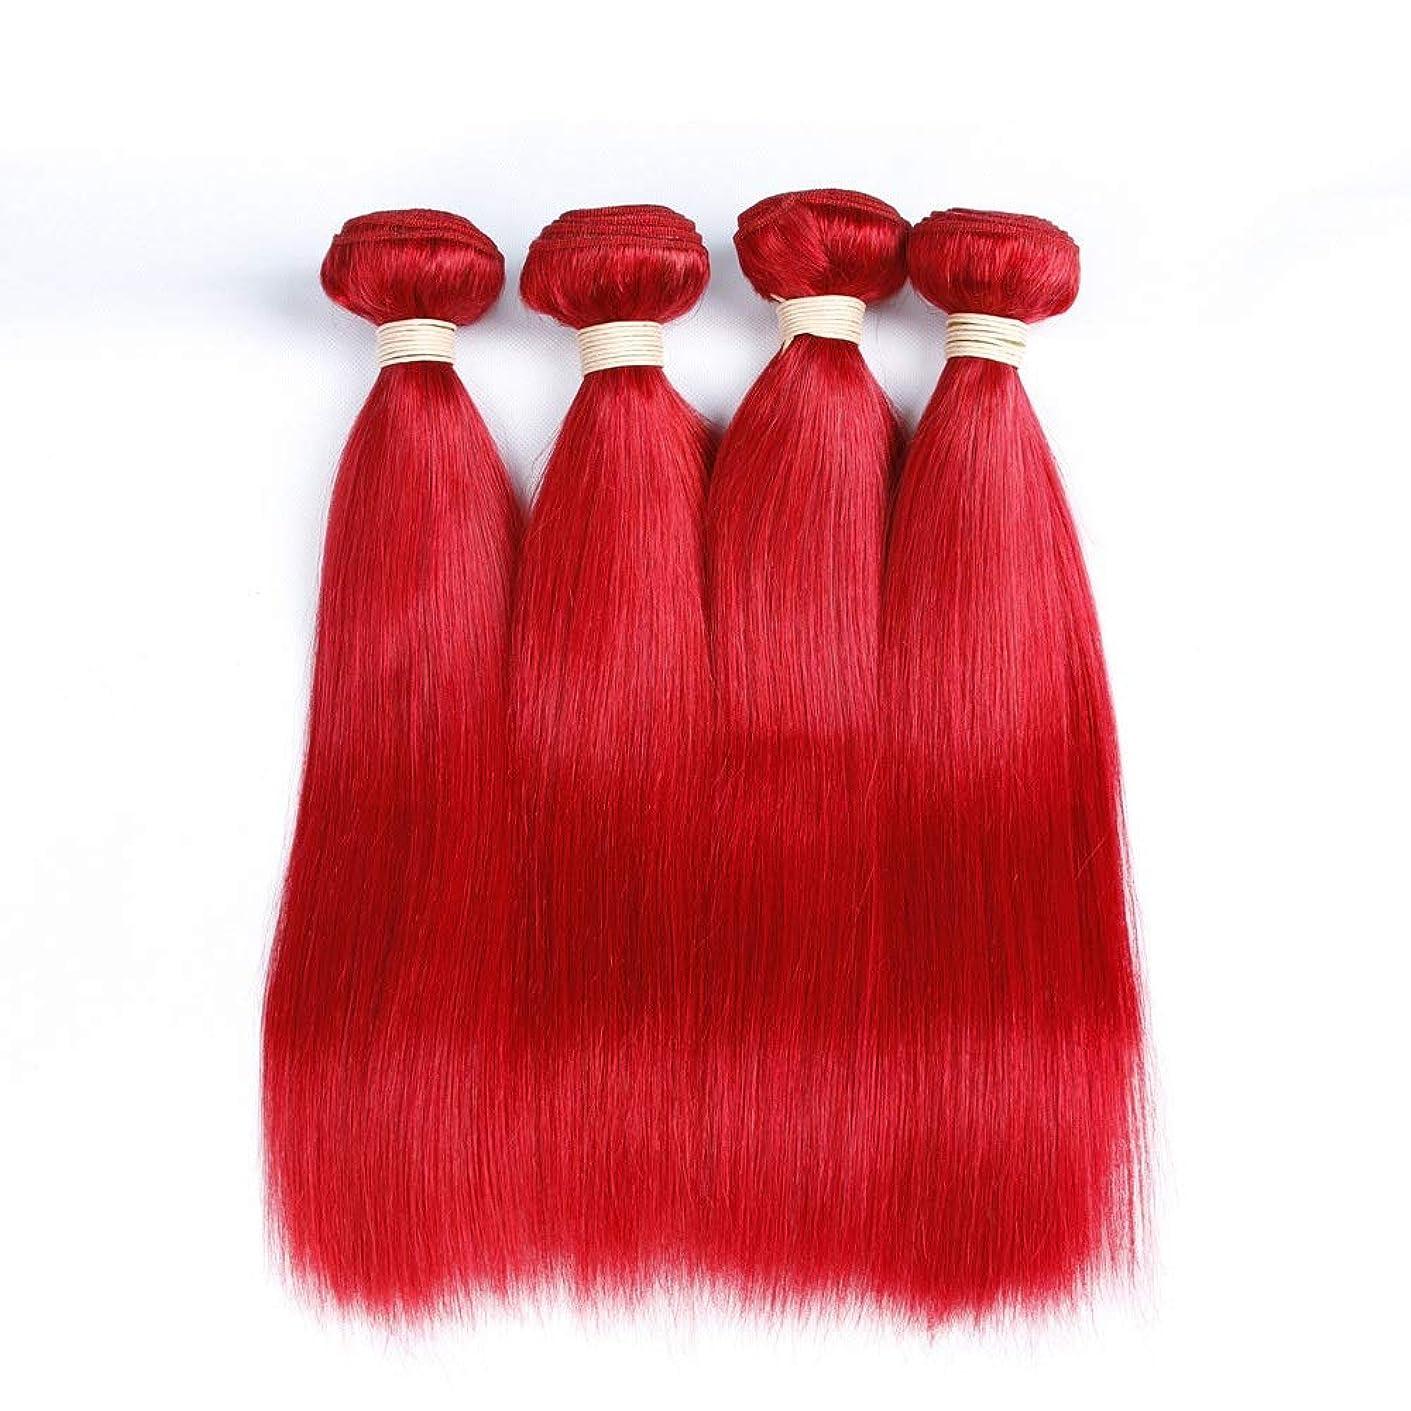 マント本質的に最悪BOBIDYEE 赤毛ブラジルストレートヘア100%未処理のヘアバンドル1バンドル人間の髪の毛の織り方(10